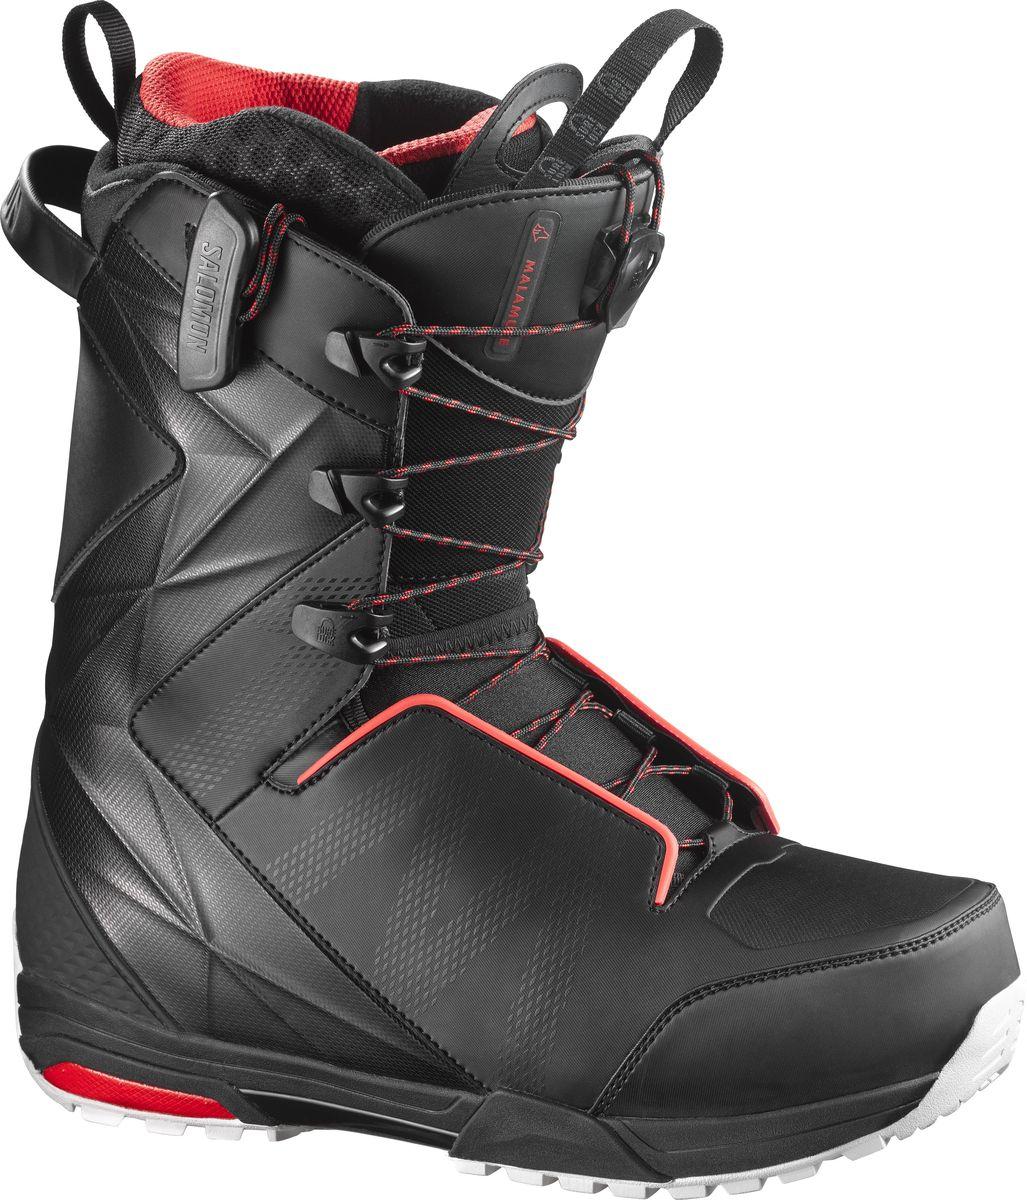 Ботинки для сноуборда Salomon Malamute, цвет: черный. Размер 27,5 (42)L39359500Самые гибкие ботинки для сноубординга Salomon Malamute с непревзойденной поддержкой поставляются в комплекте с новой стелькой двойной плотности Ortholite C3, которую отличают пена с эффектом памяти и пяточная чашка из сополимера EVA, и внутренним ботинком Platinum 4D для максимально комфортного катания. Встроенный ремешок задника Integrated Heel-Strap, вставка Power Frame и Energizer Bars обеспечивают индивидуальную и четкую посадку по ноге. В модели используются подошва Hike, гарантирующая отличное сцепление, и знаменитая шнуровка PowerLock, которая отлично фиксирует ногу.